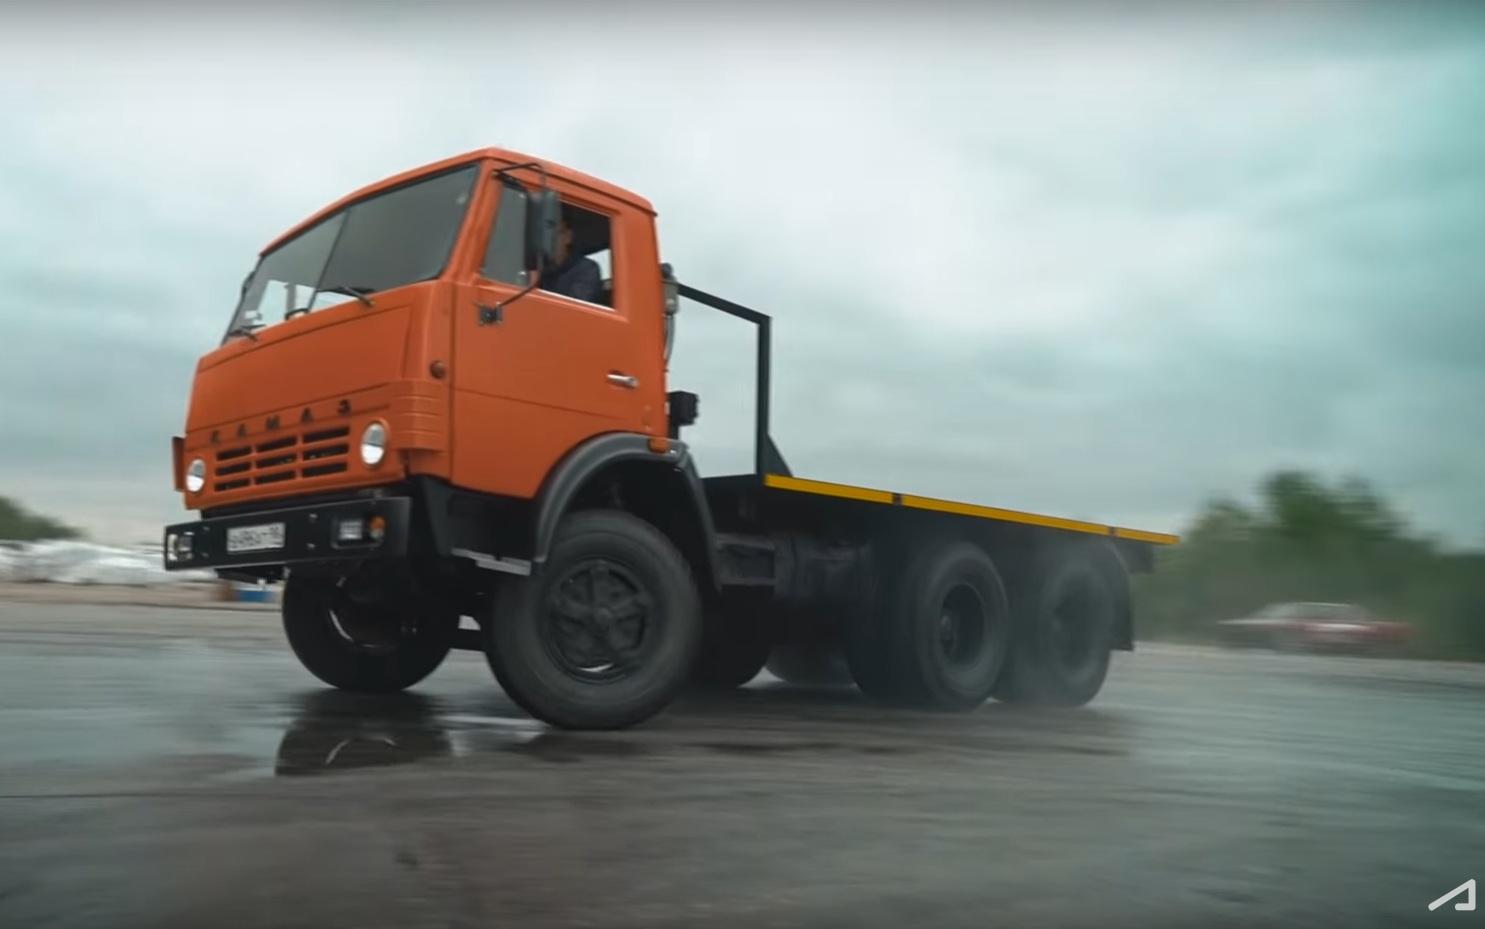 Безумный 1000-сильный КамАЗ Академика показал зрелищный дрифт (видео)